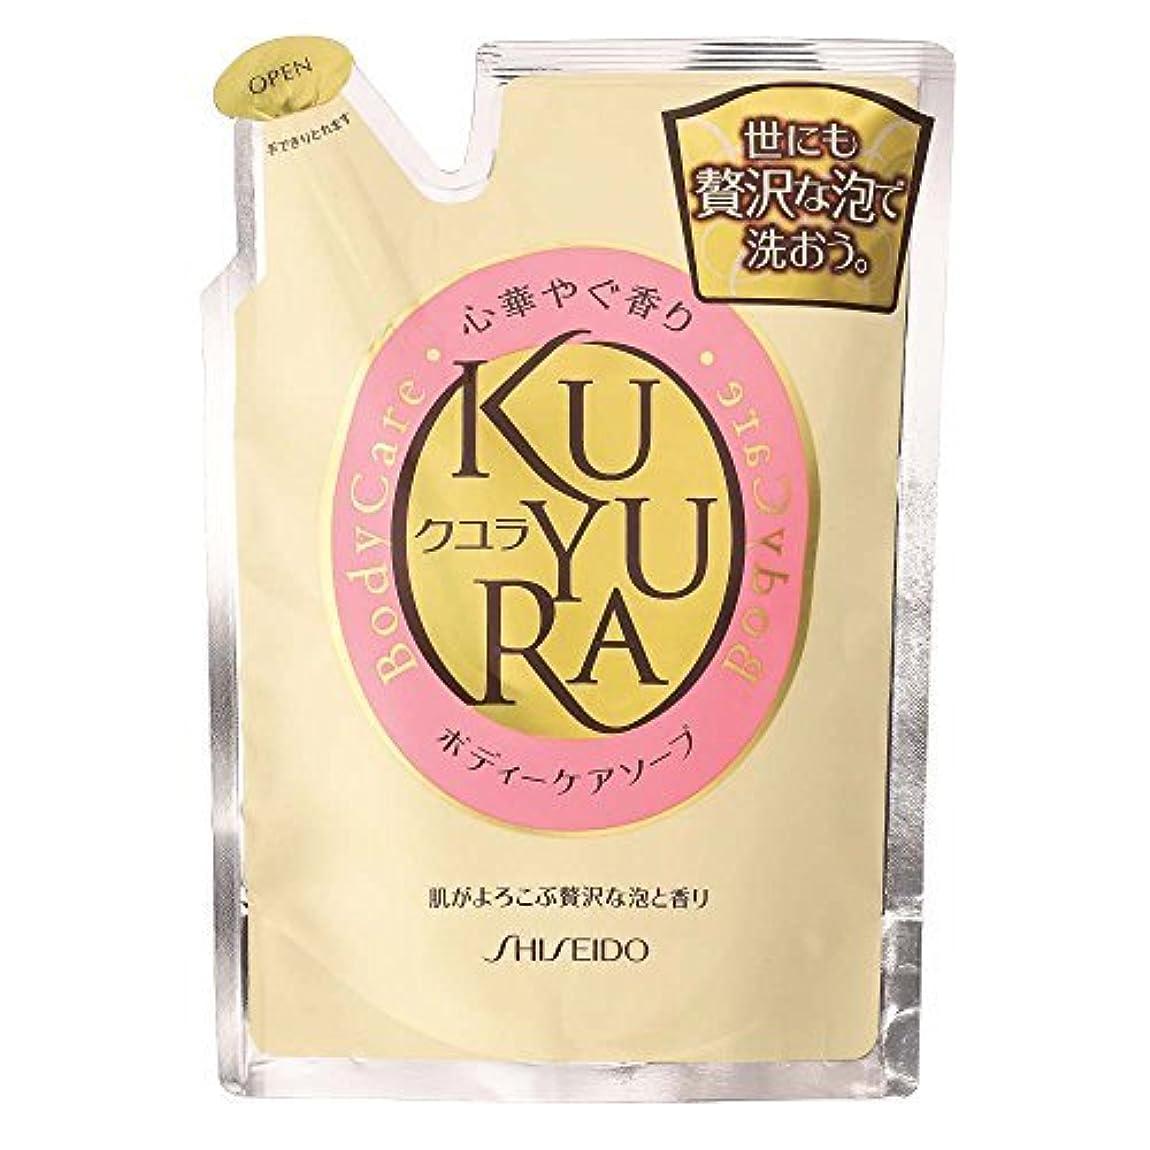 シニス器官経済的資生堂 クユラ ボディケアソープ 心華やぐ香り つめかえ用400ml×18点セット (4901872836277)